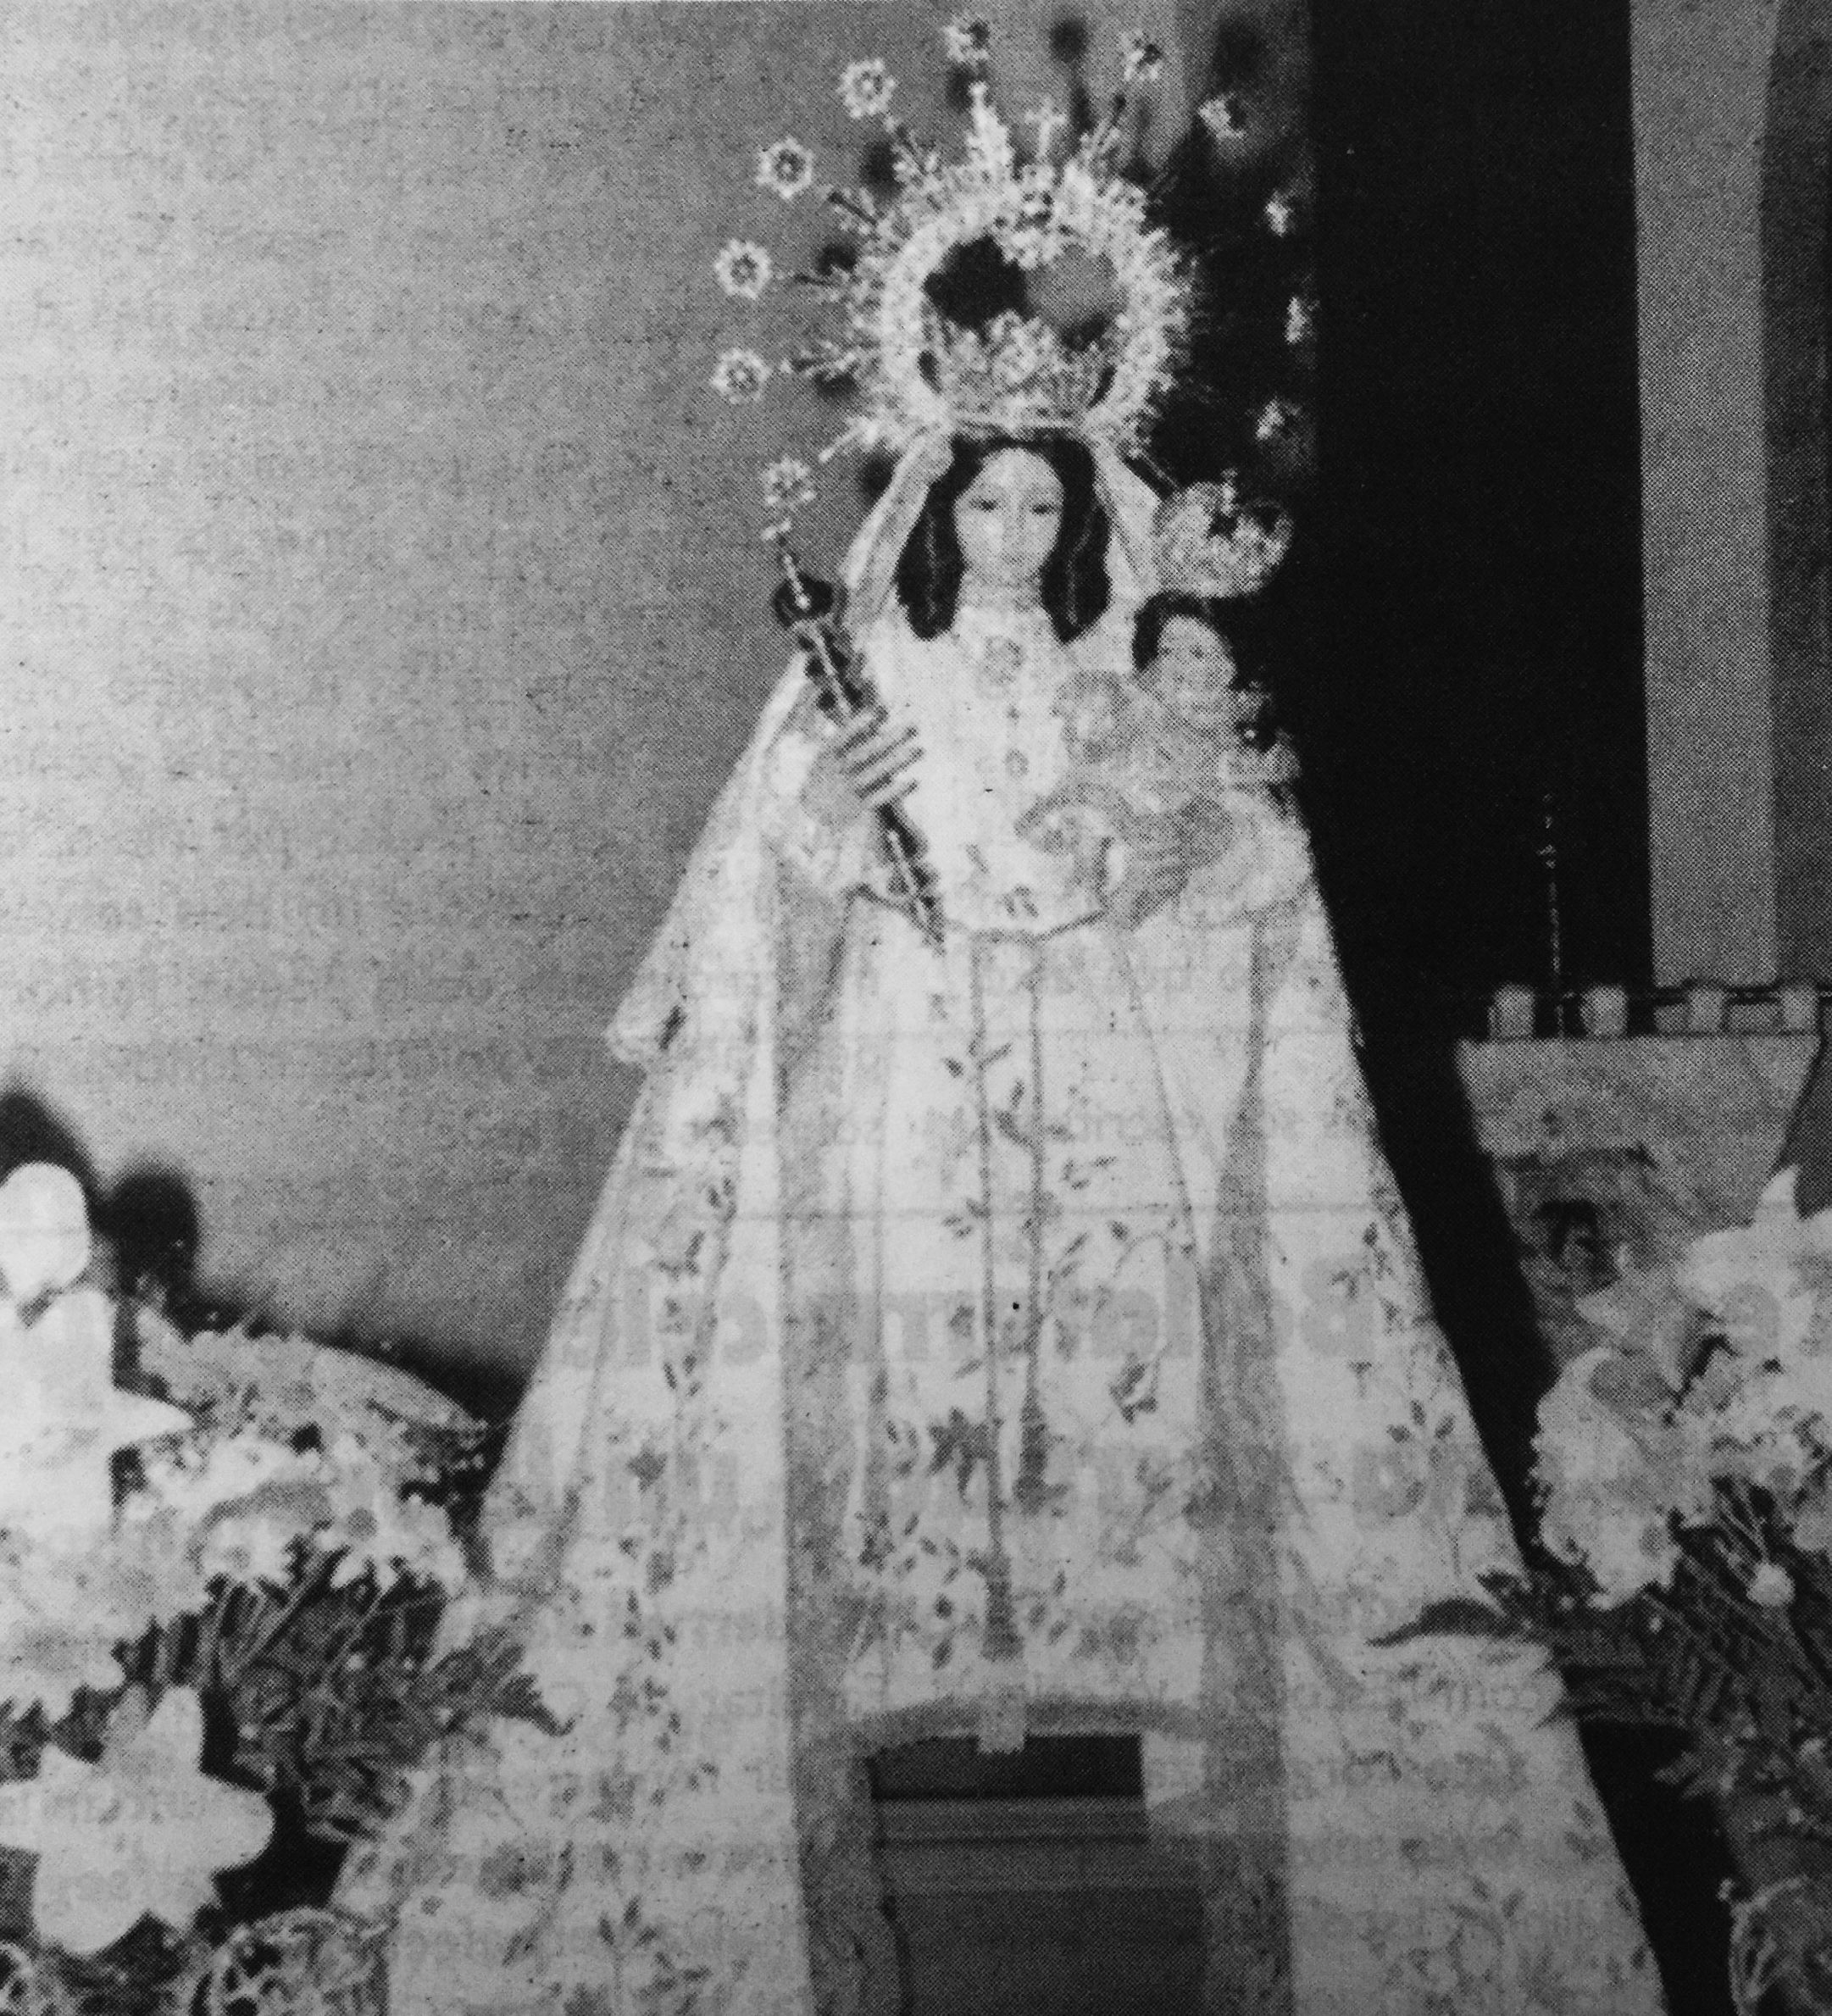 Imatge de la Virgen de la Antigua, Cerdanyola del Vallès. Fotografia publicada al TOT Cerdanyola, 608 (Maig 1999)